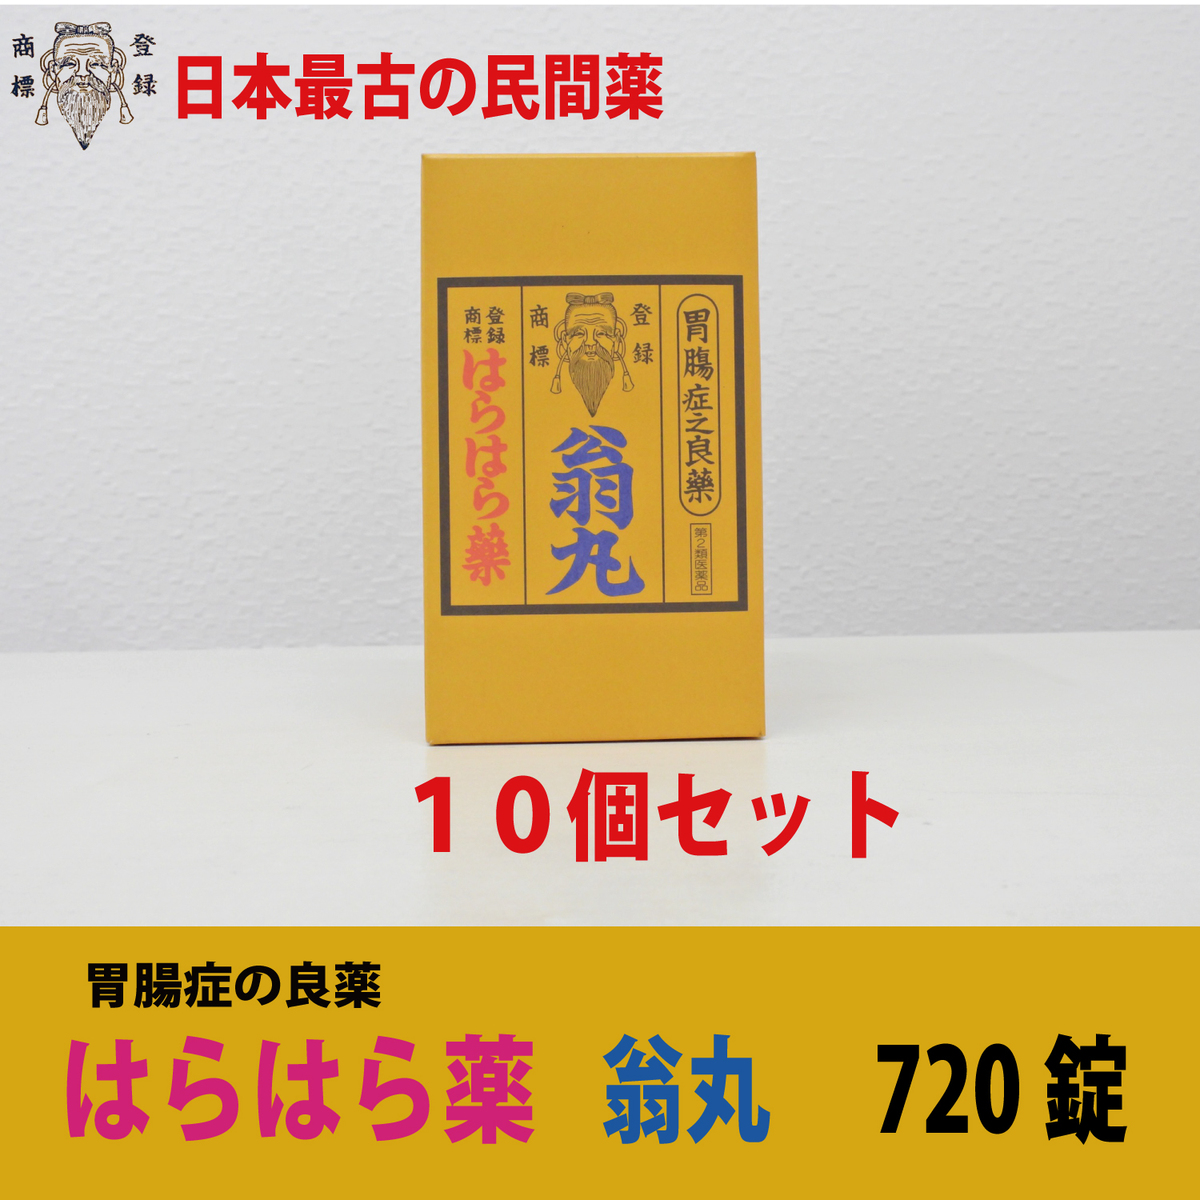 300年以上の歴史を持つ日本の民間薬 第2類医薬品 はらはら薬 翁丸 超激得SALE 流行 送料無料 720錠×10個セット できる限り即日発送を心がけています